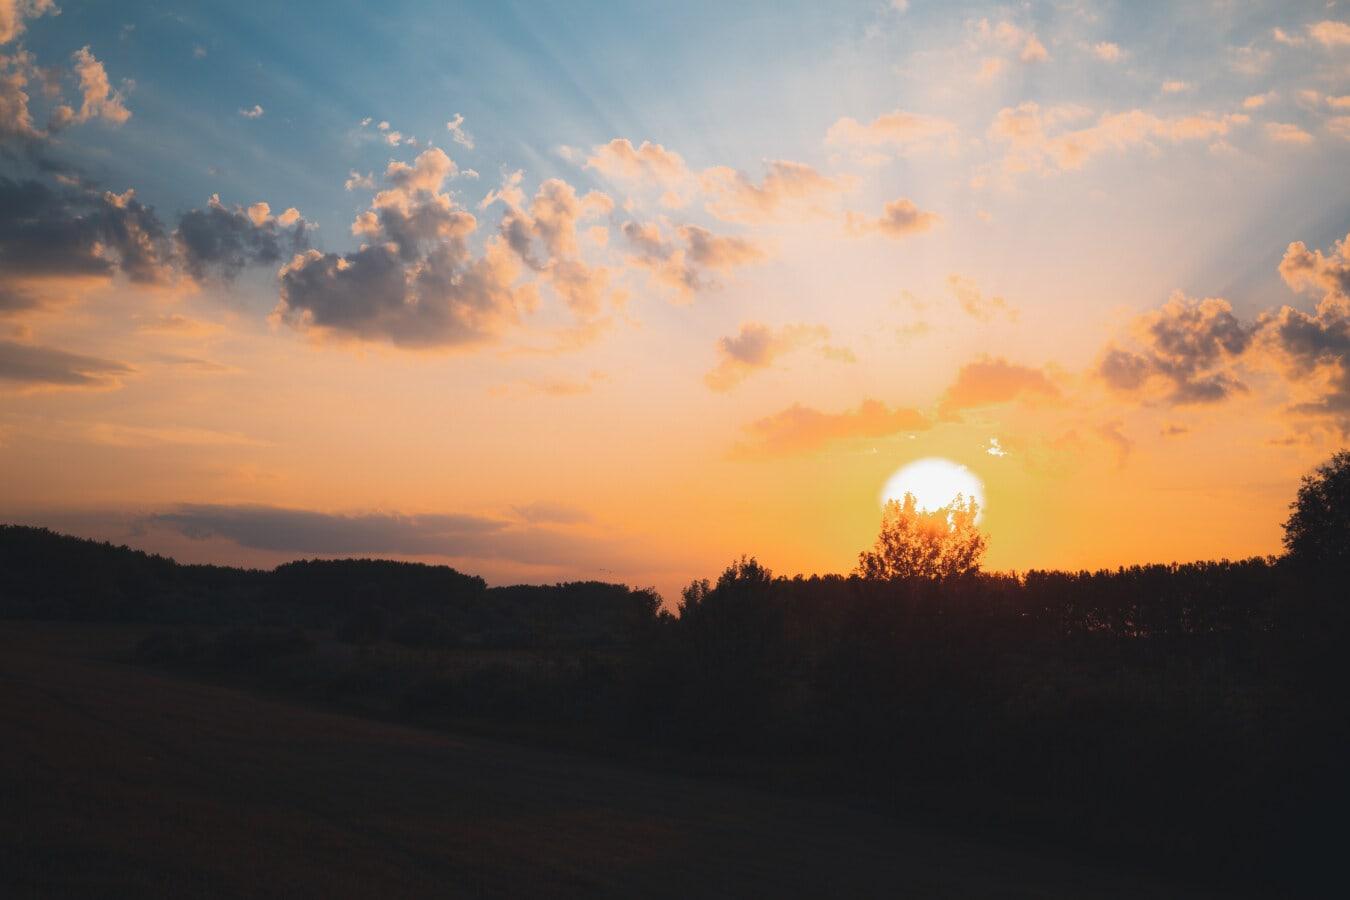 východ slunce, podsvícení, slunečních paprsků, Dawn, slunce, krajina, západ slunce, večer, soumraku, silueta